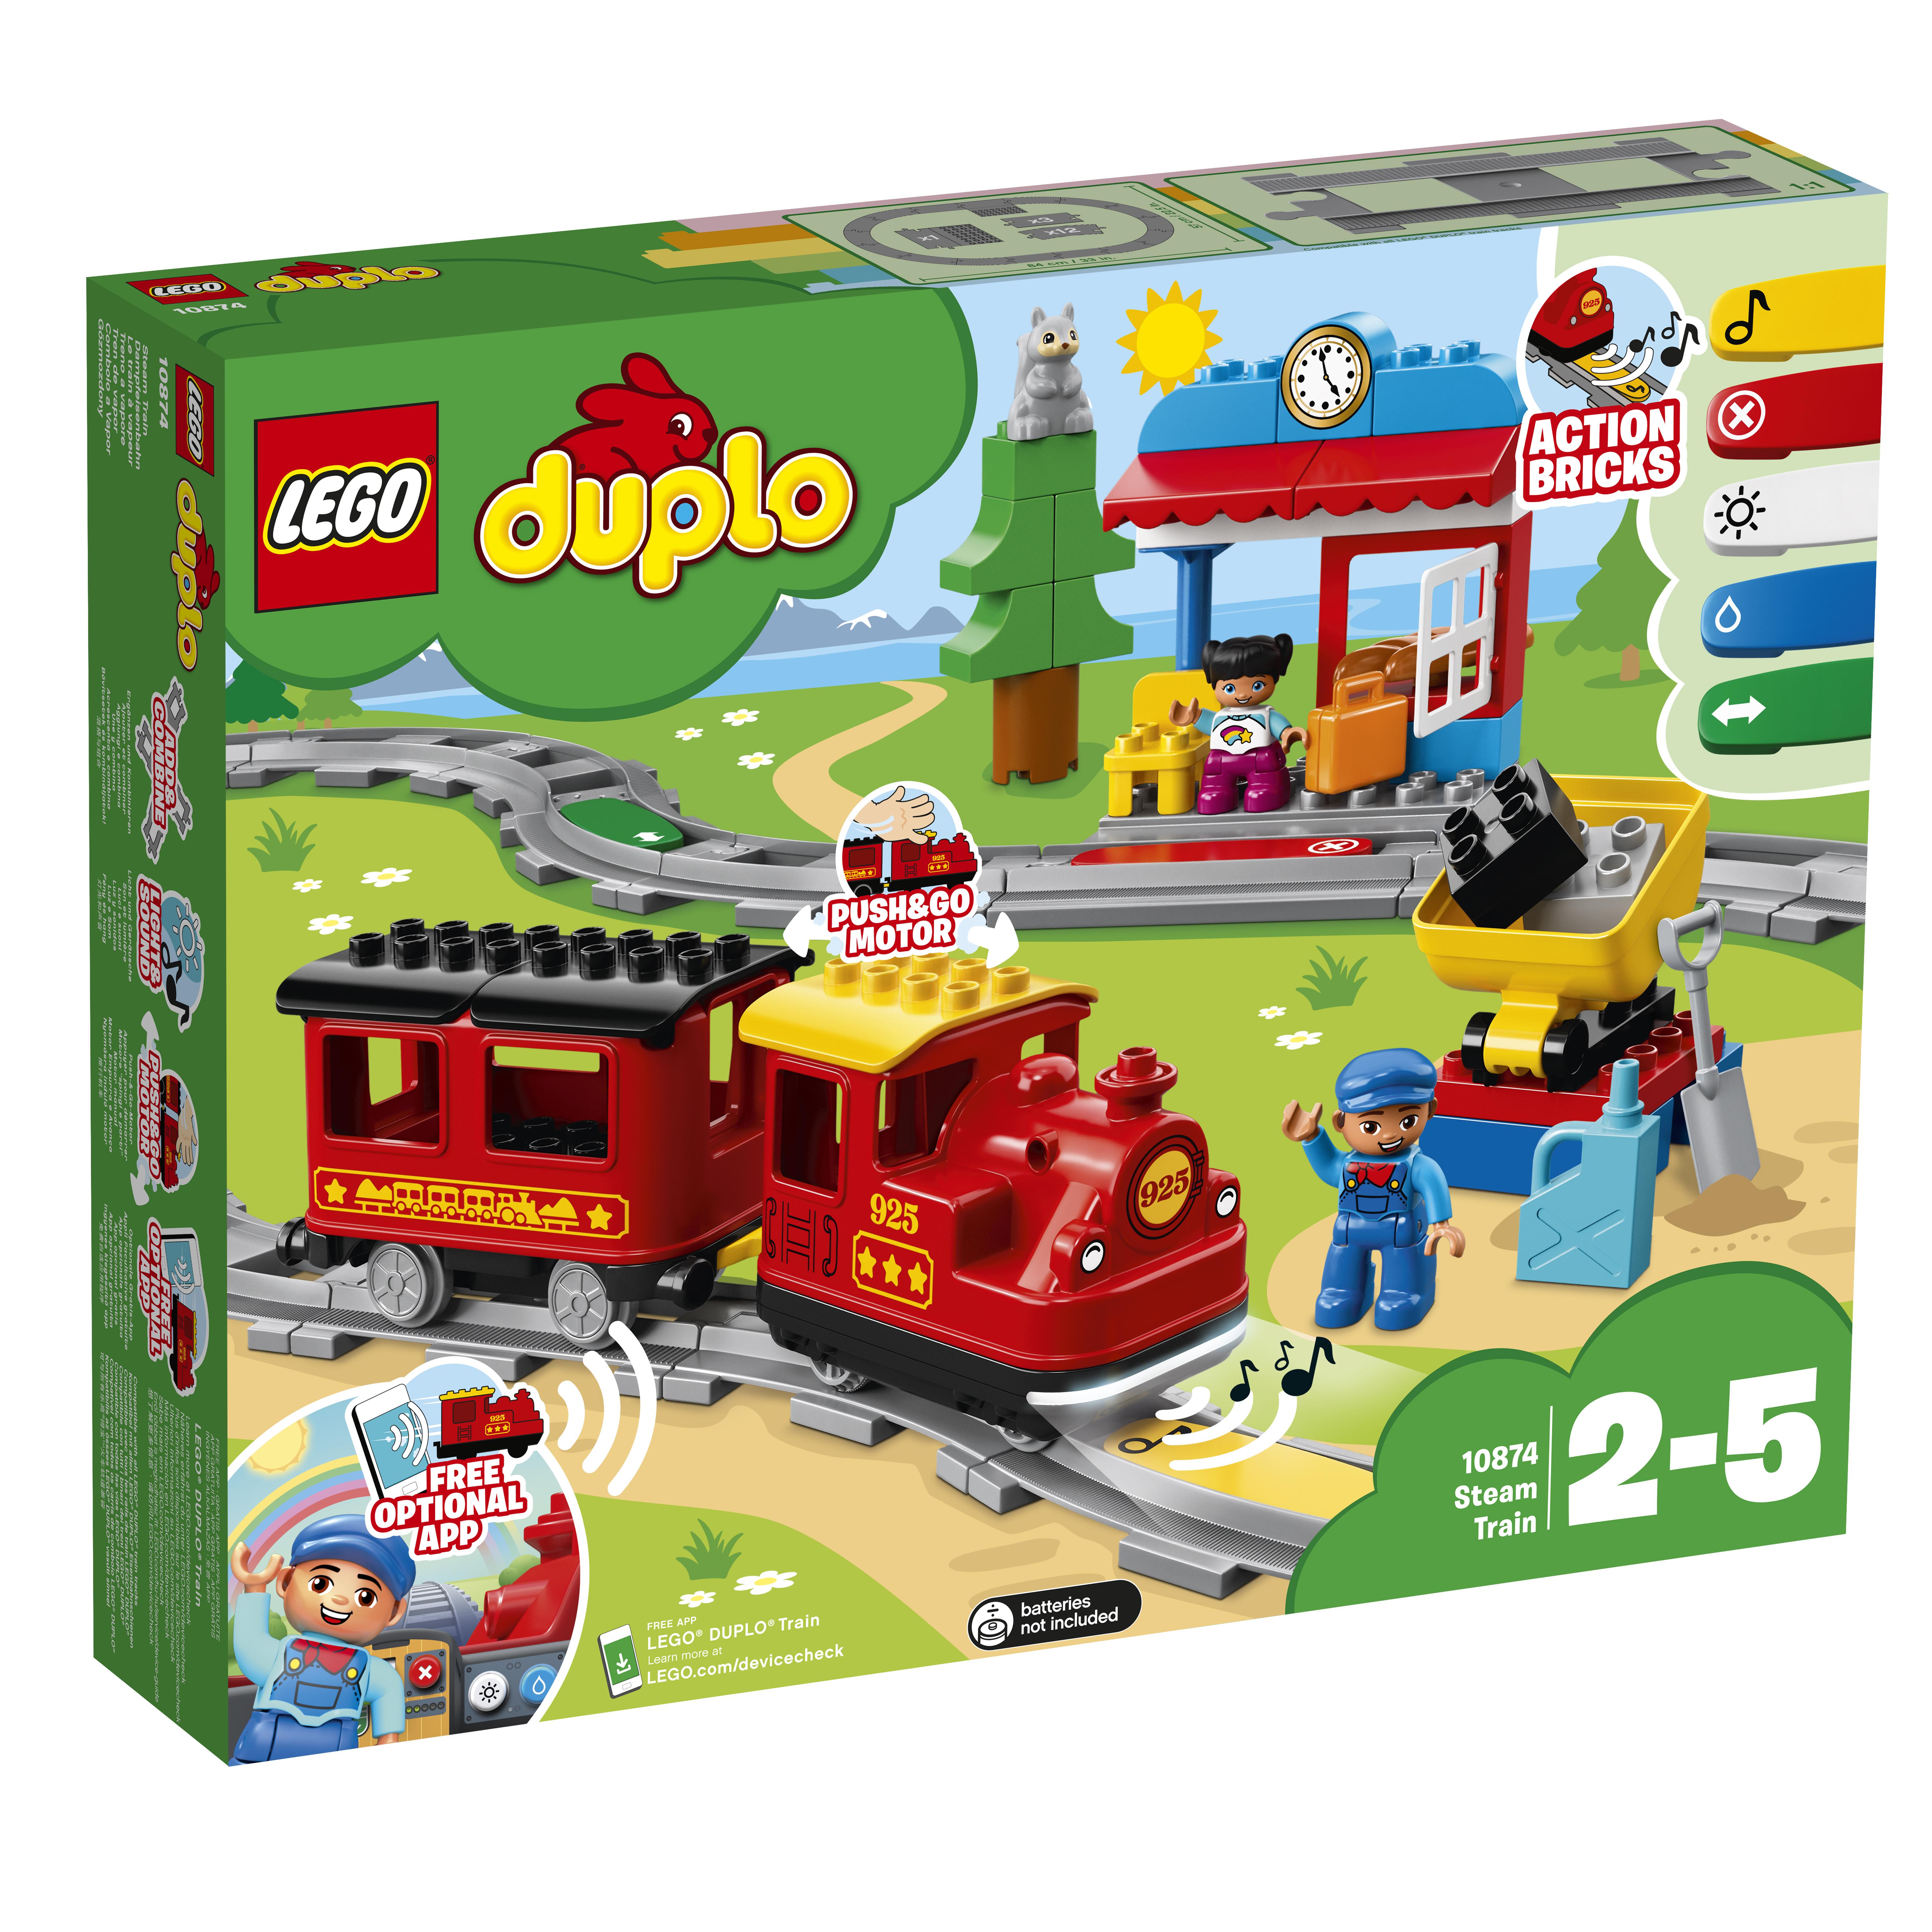 LEGO DUPLO LEGO Конструктор LEGO DUPLO Town 0 10874 Поезд на паровой тяге конструктор lego duplo мой первый поезд 10507